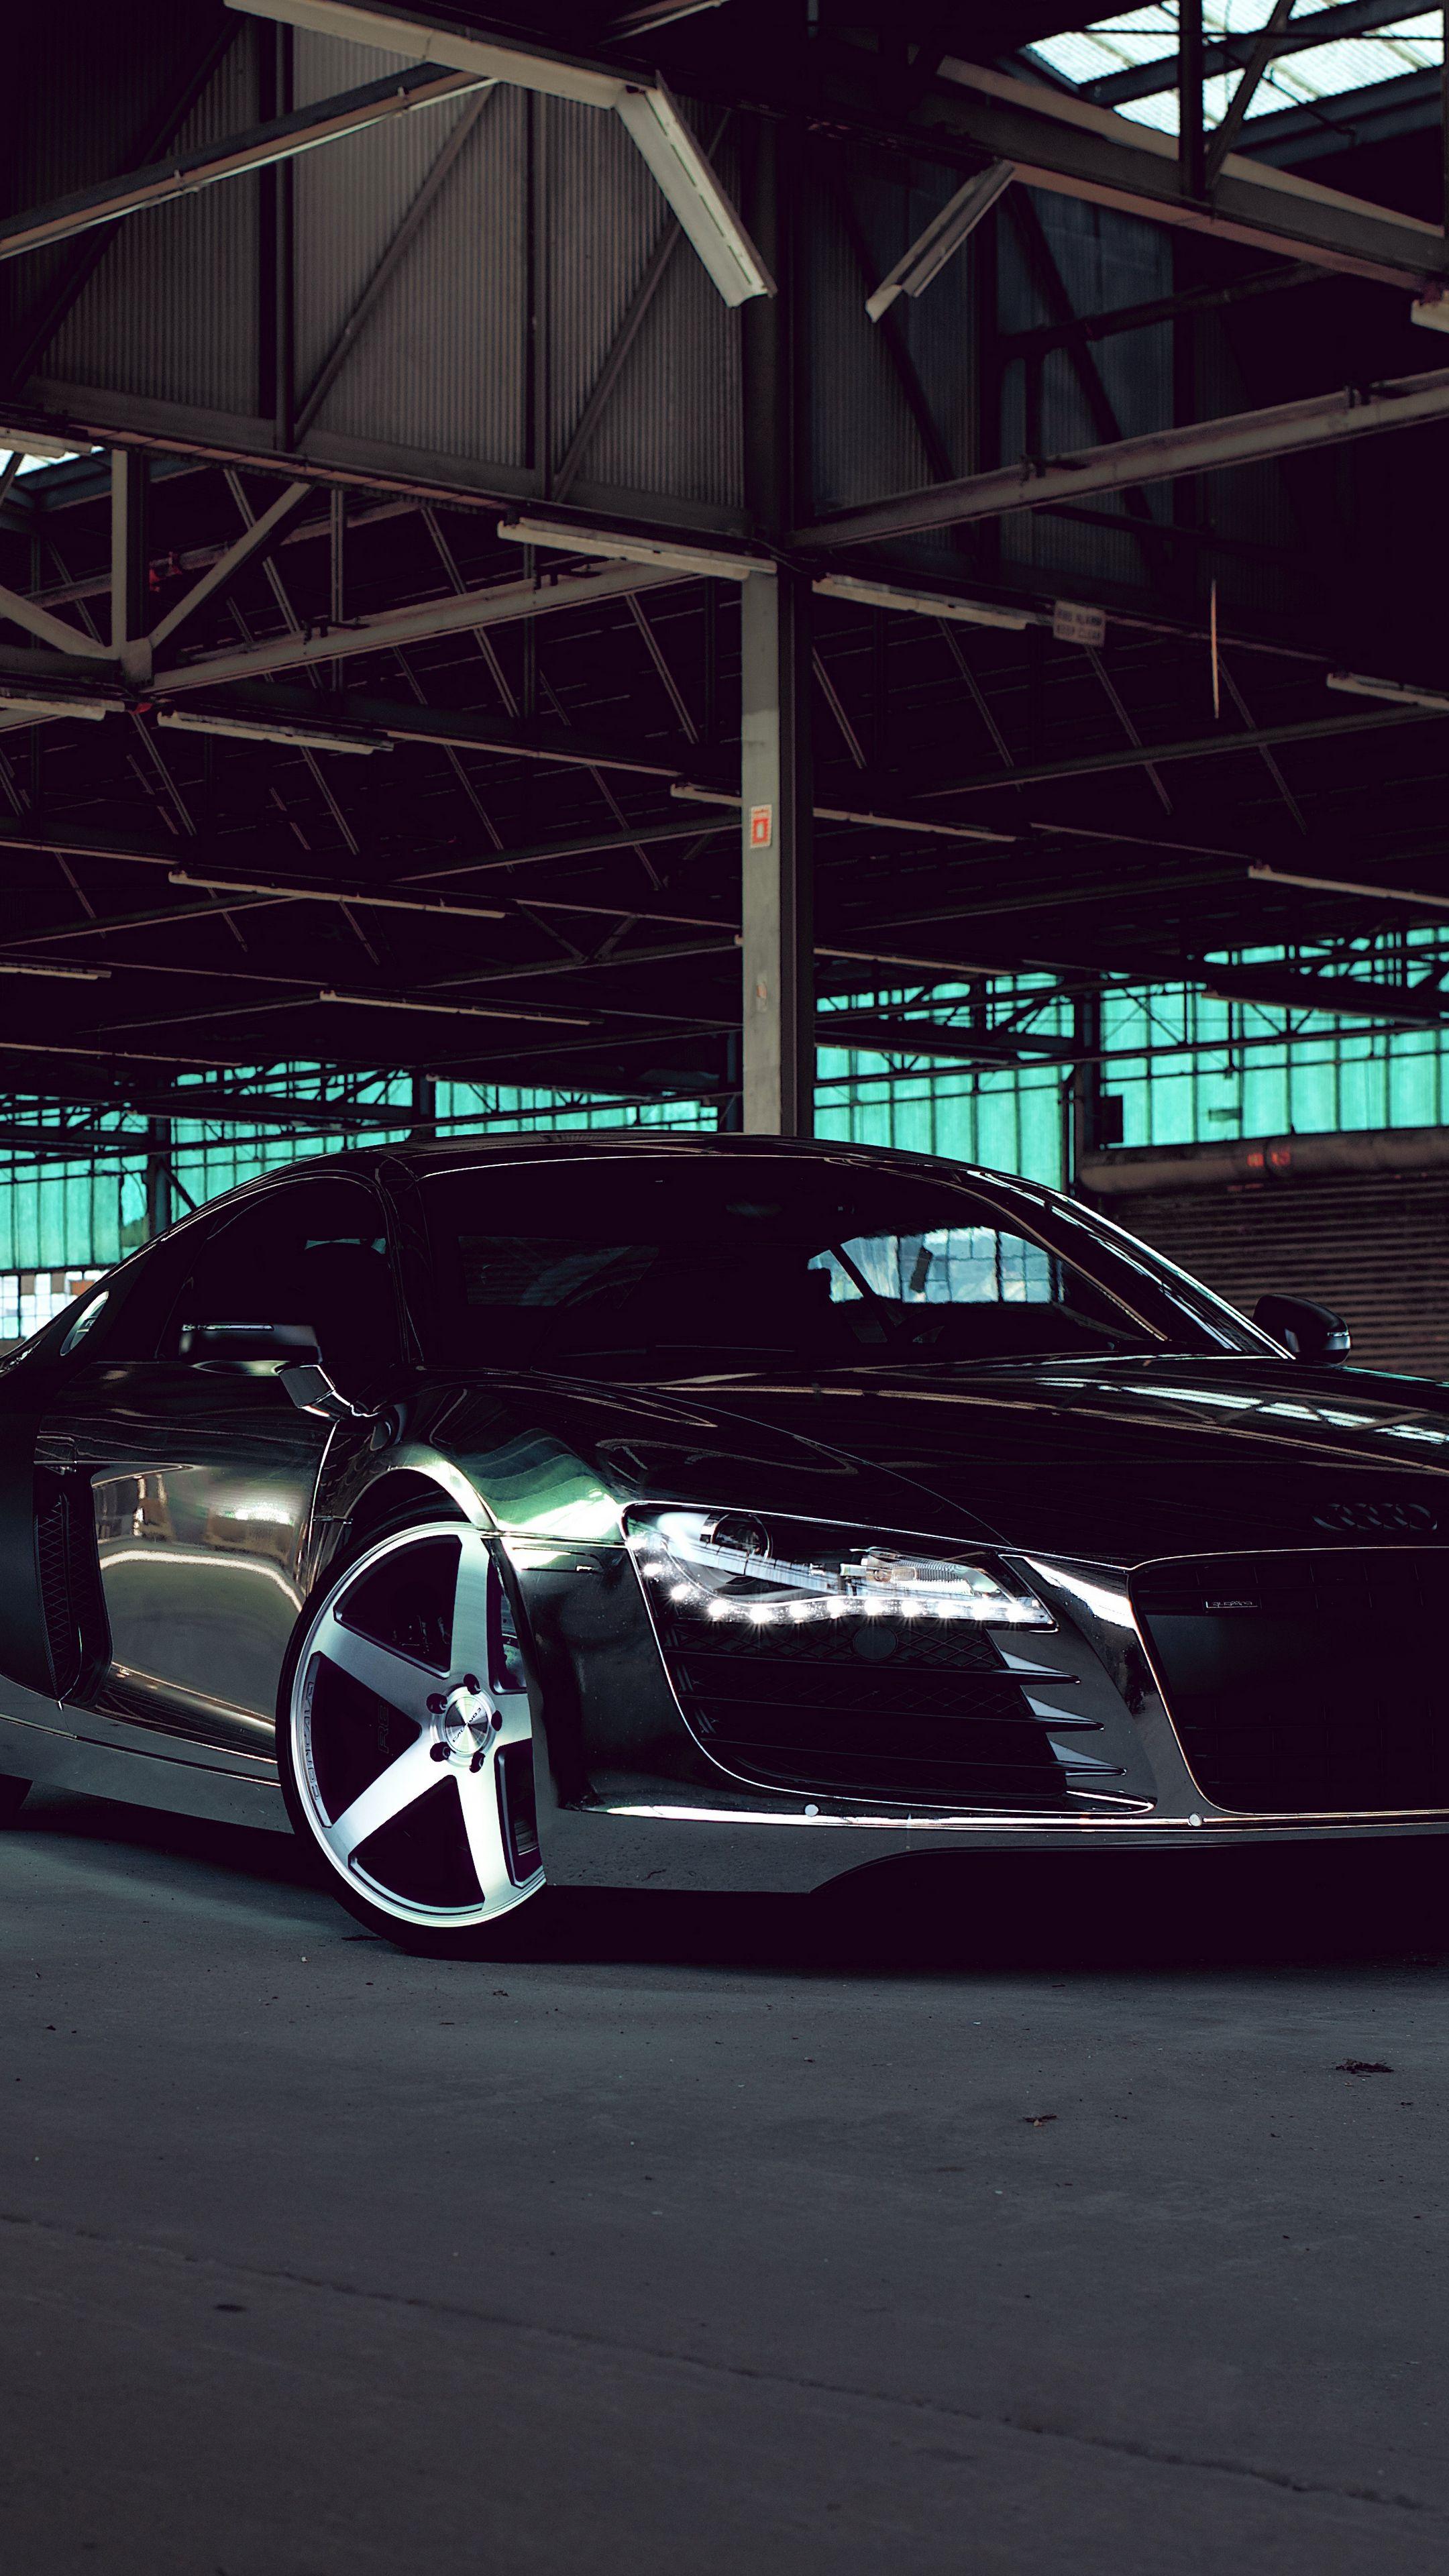 Cars Audi R8 Chrome Cw 5 Matte Black Black Side View